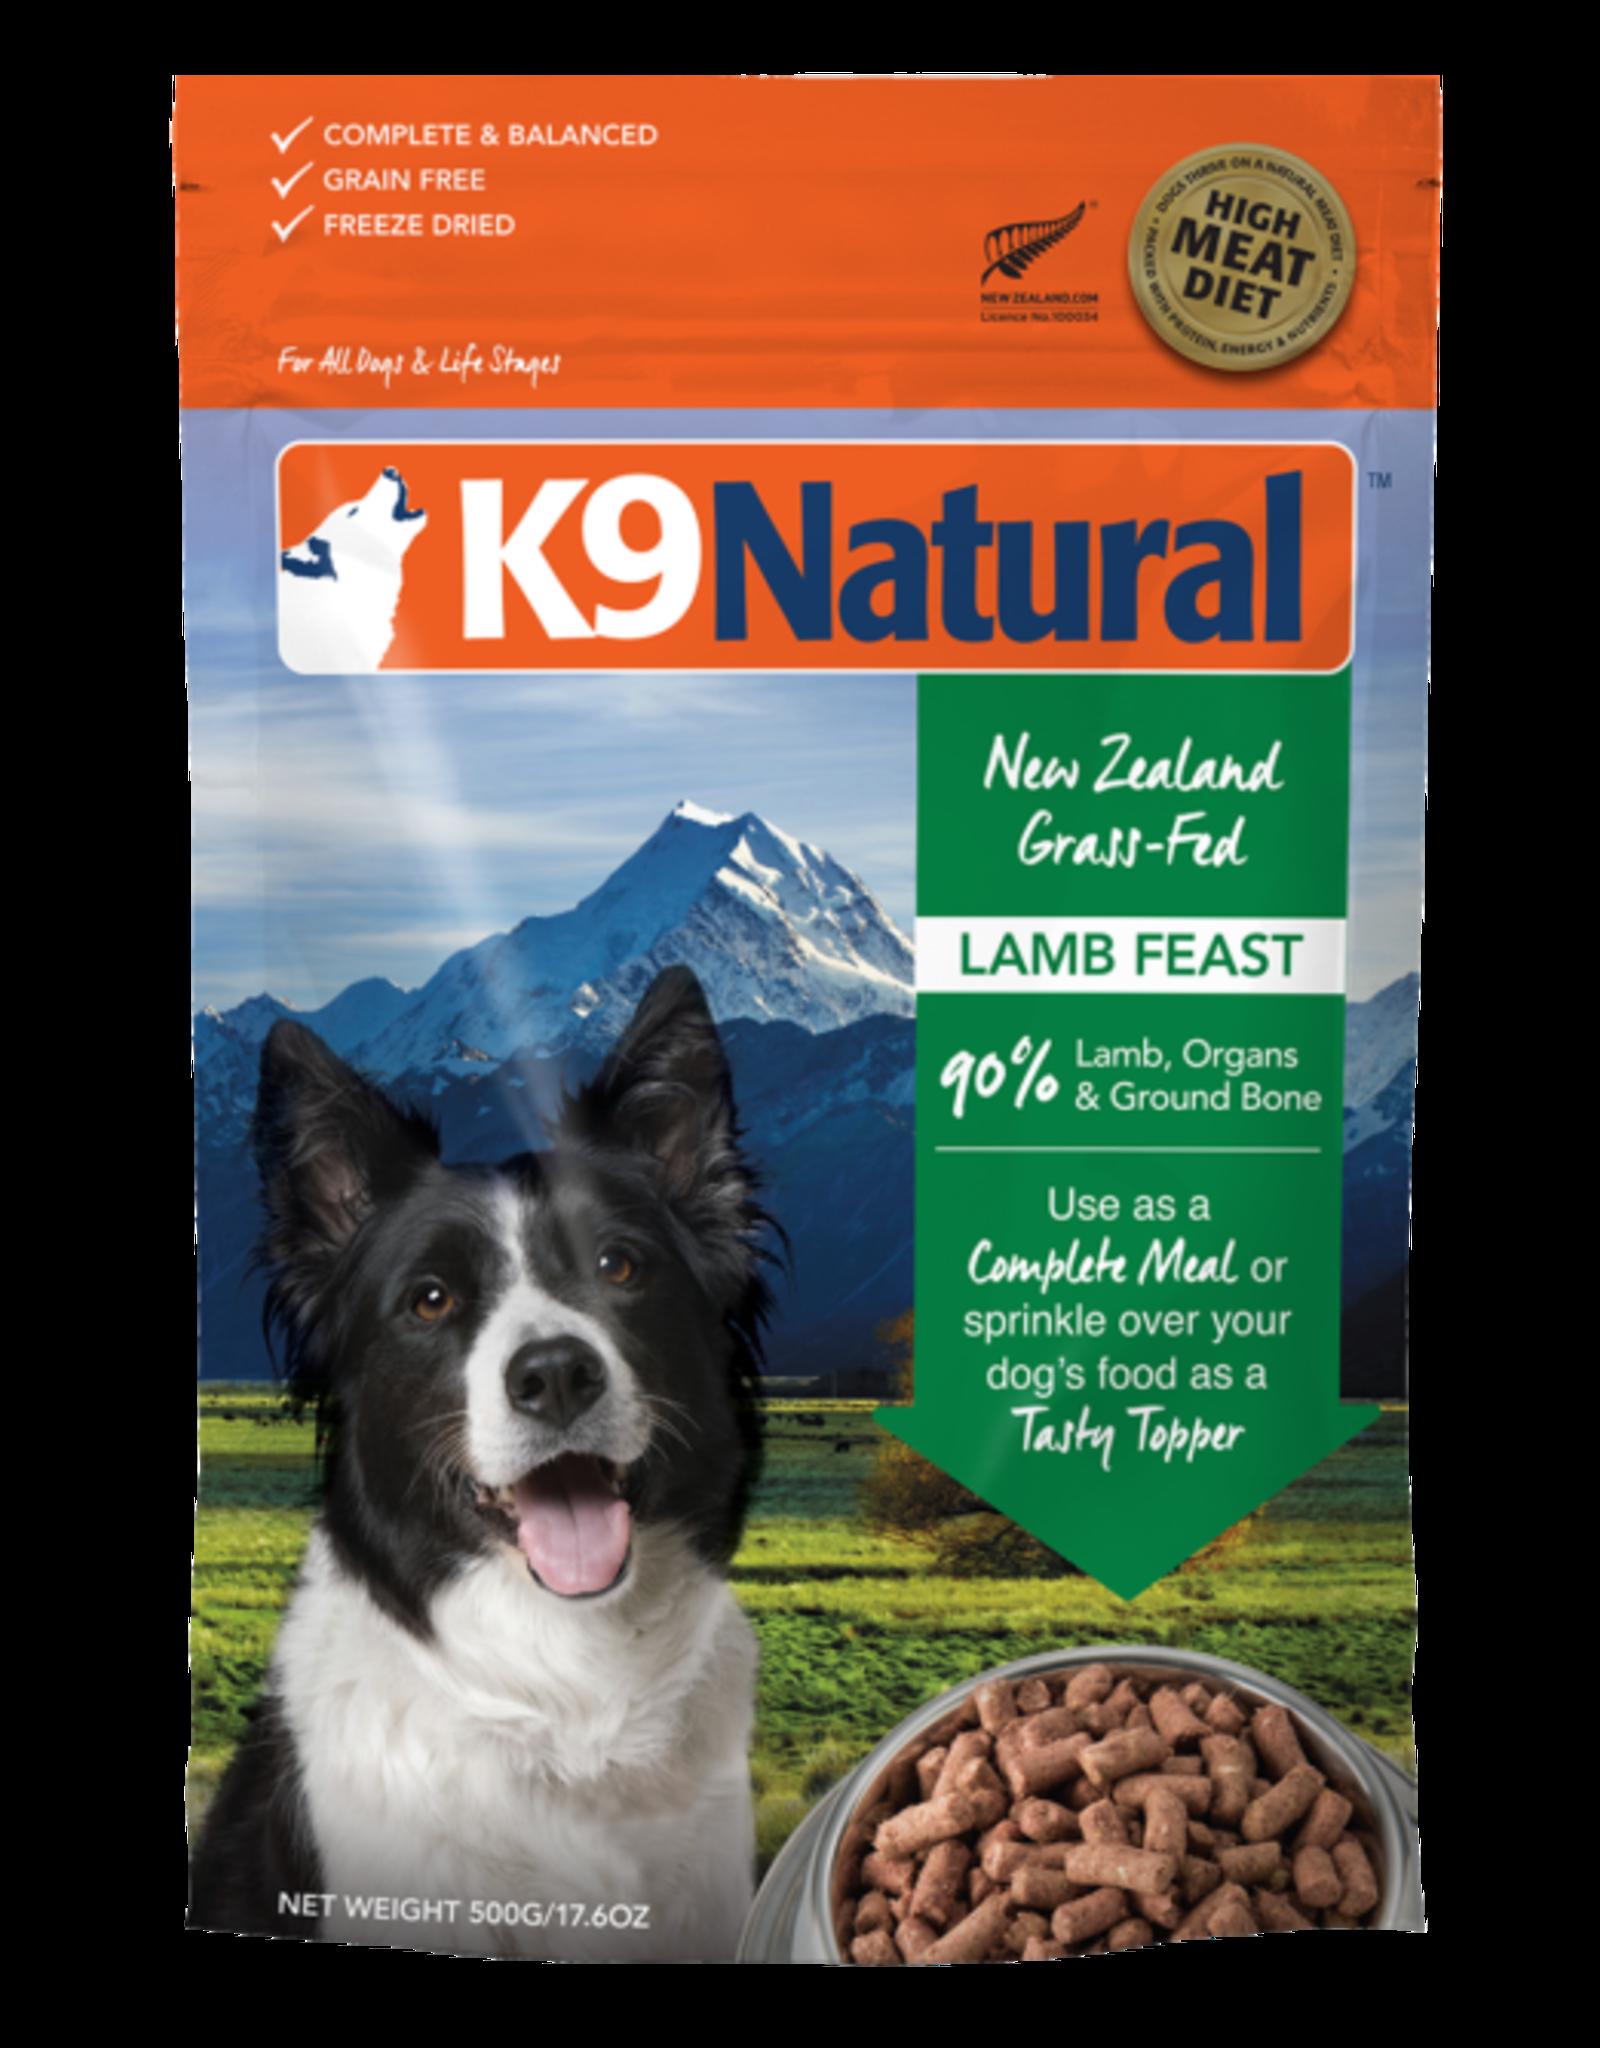 K9 Natural K9 Natural Freeze Dried Lamb Feast 1.1lb